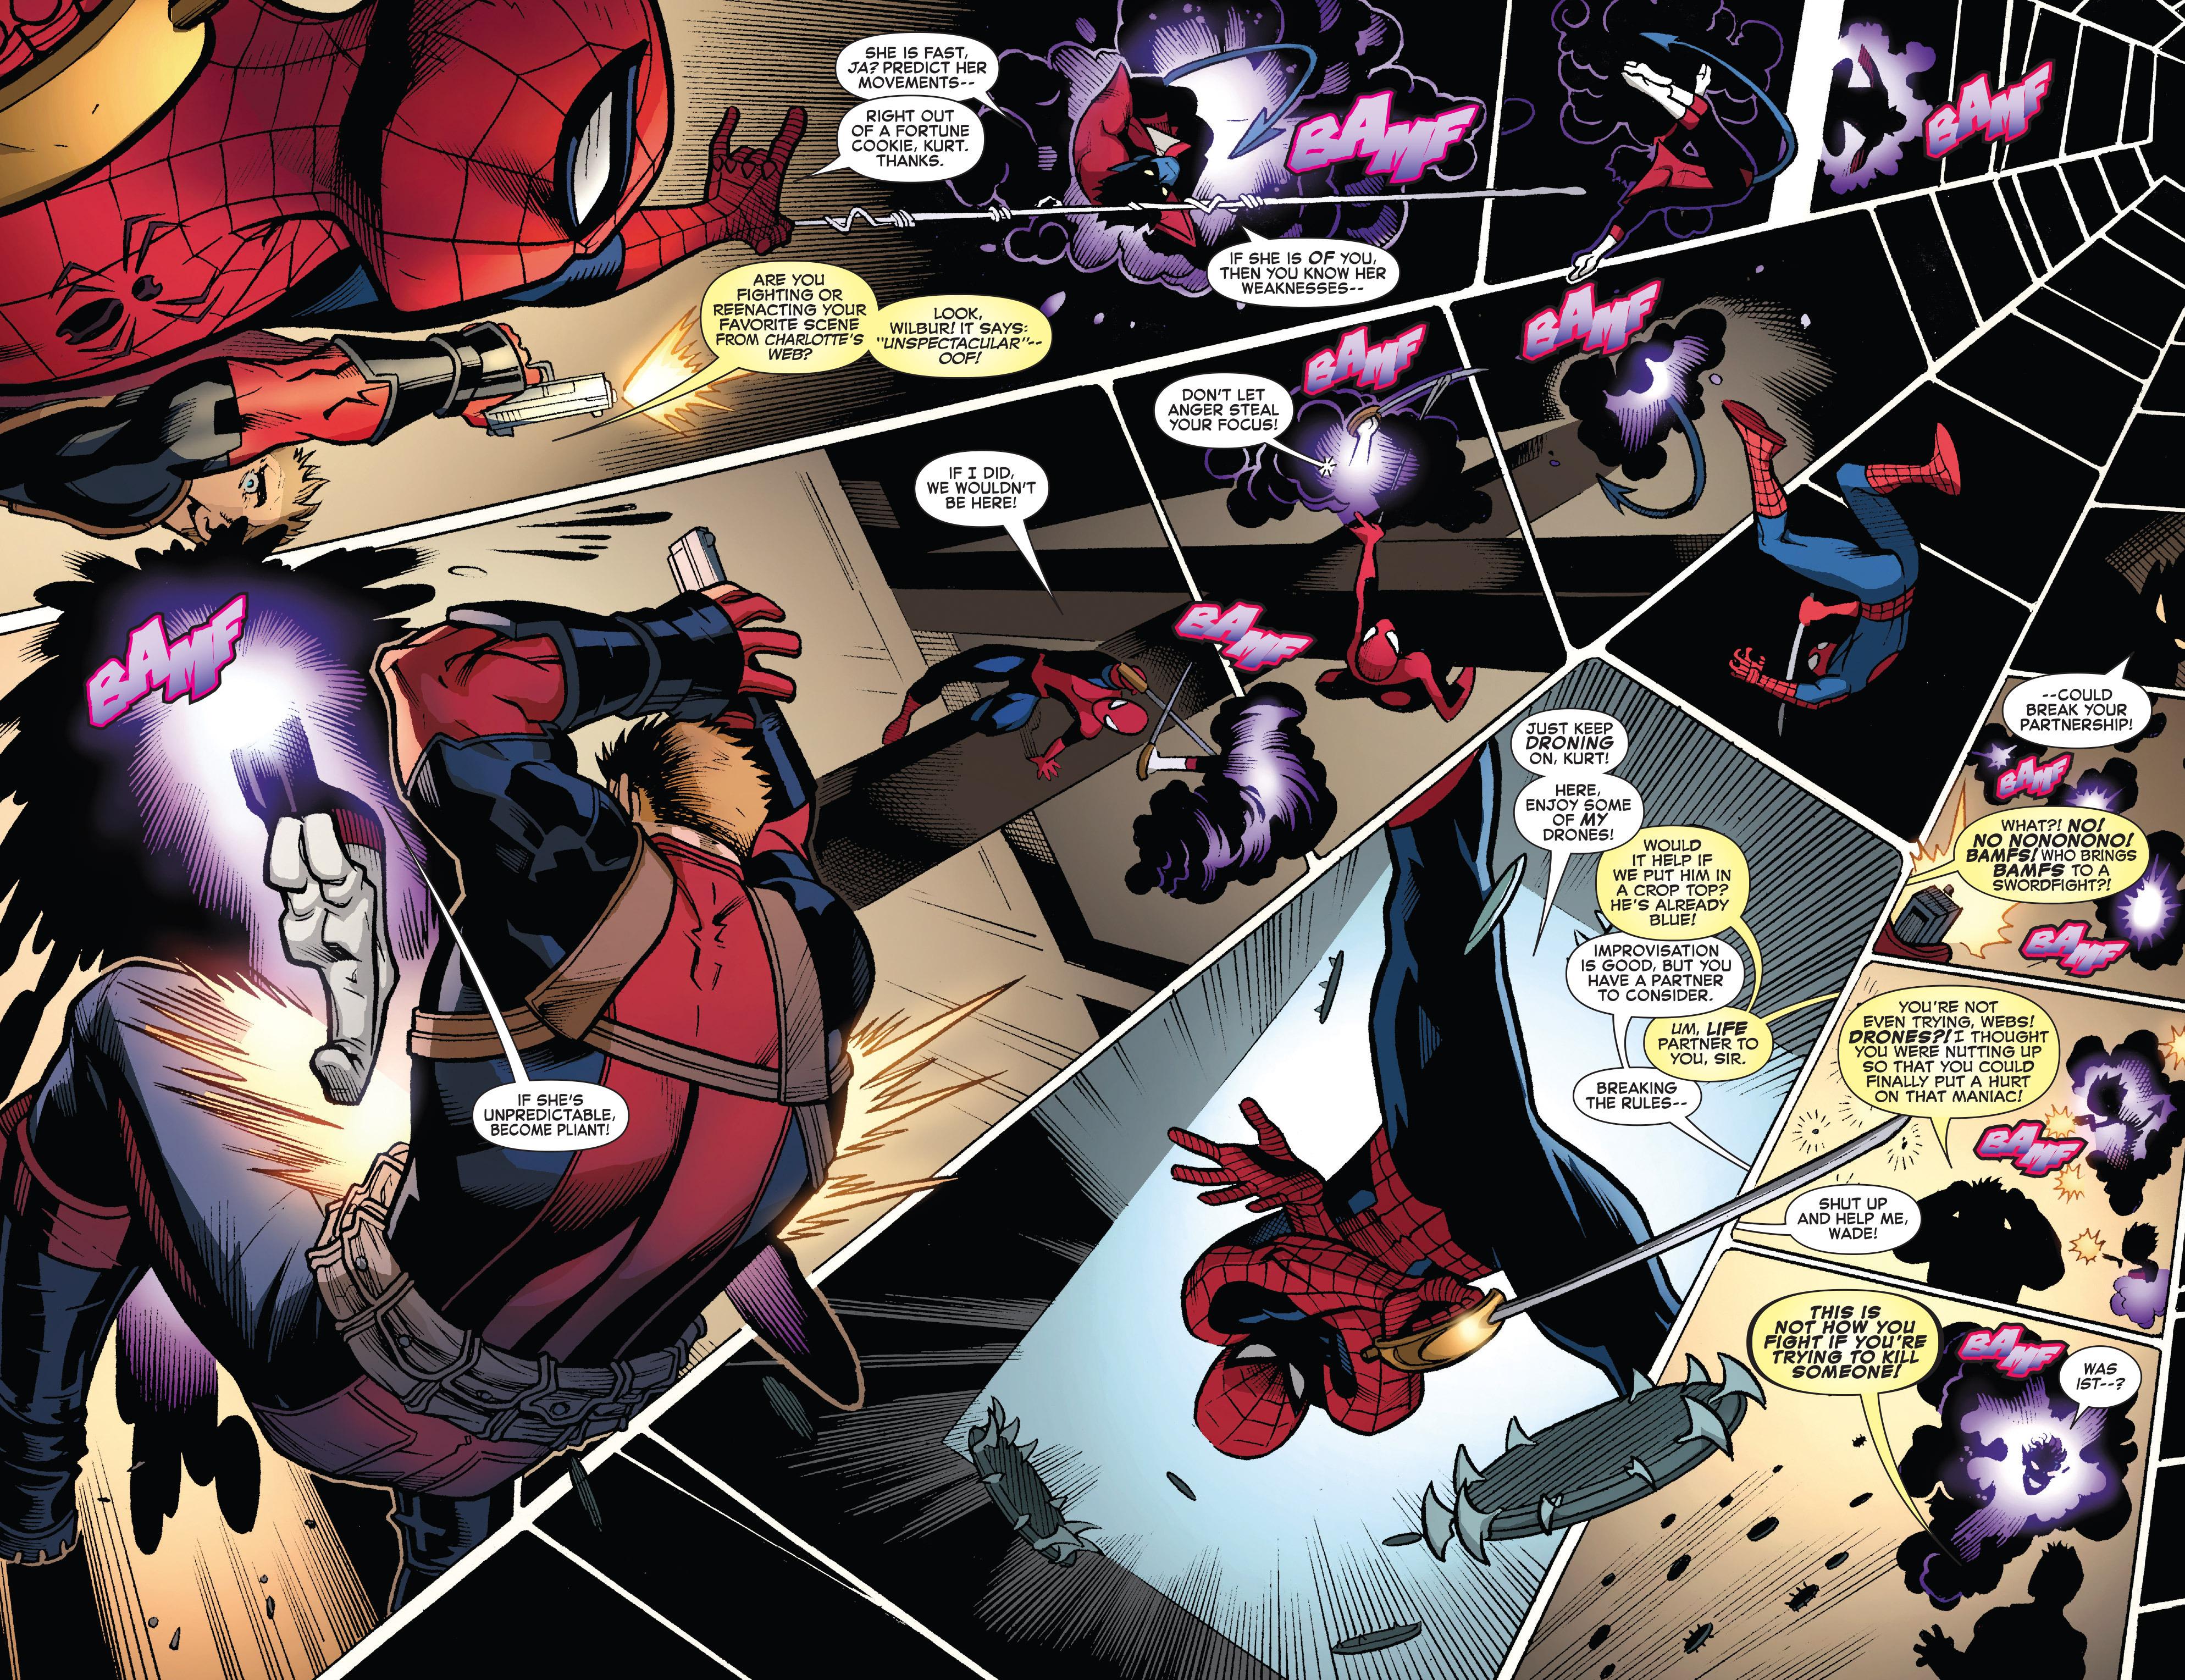 4 bộ giáp siêu khủng có thể giúp sức mạnh của Người Nhện tăng lên như hổ mọc thêm cánh trong Spider-Man Far From Home - Ảnh 26.